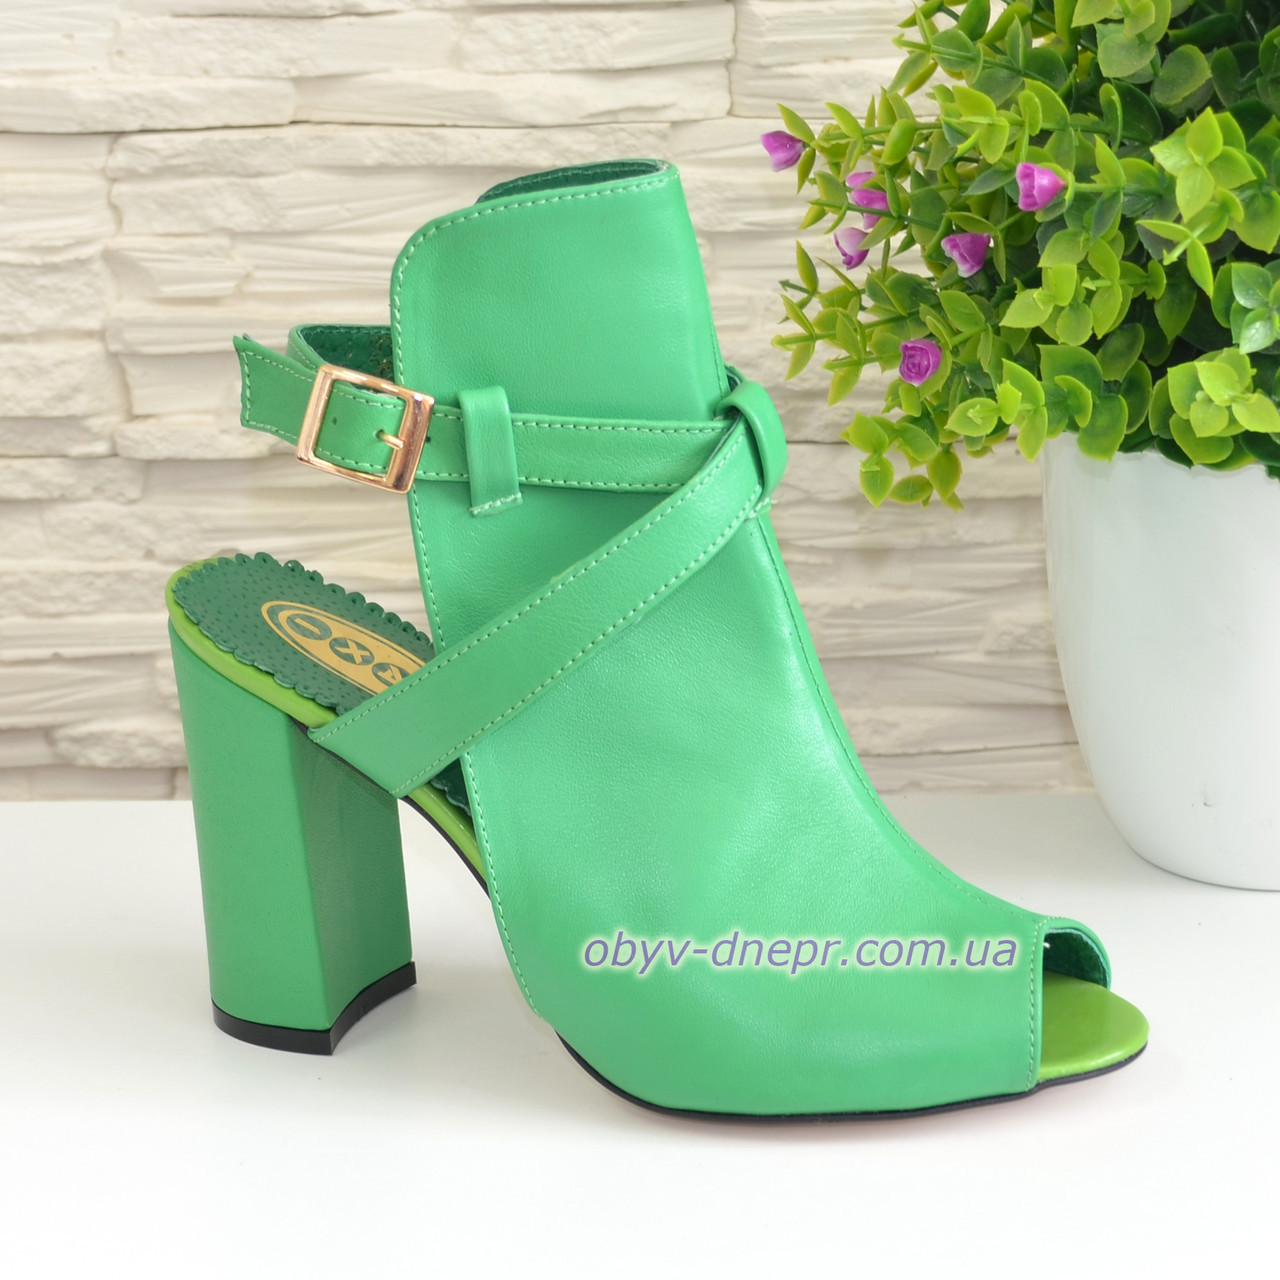 Женские зеленые кожаные босоножки на высоком устойчивом каблуке, фото 1